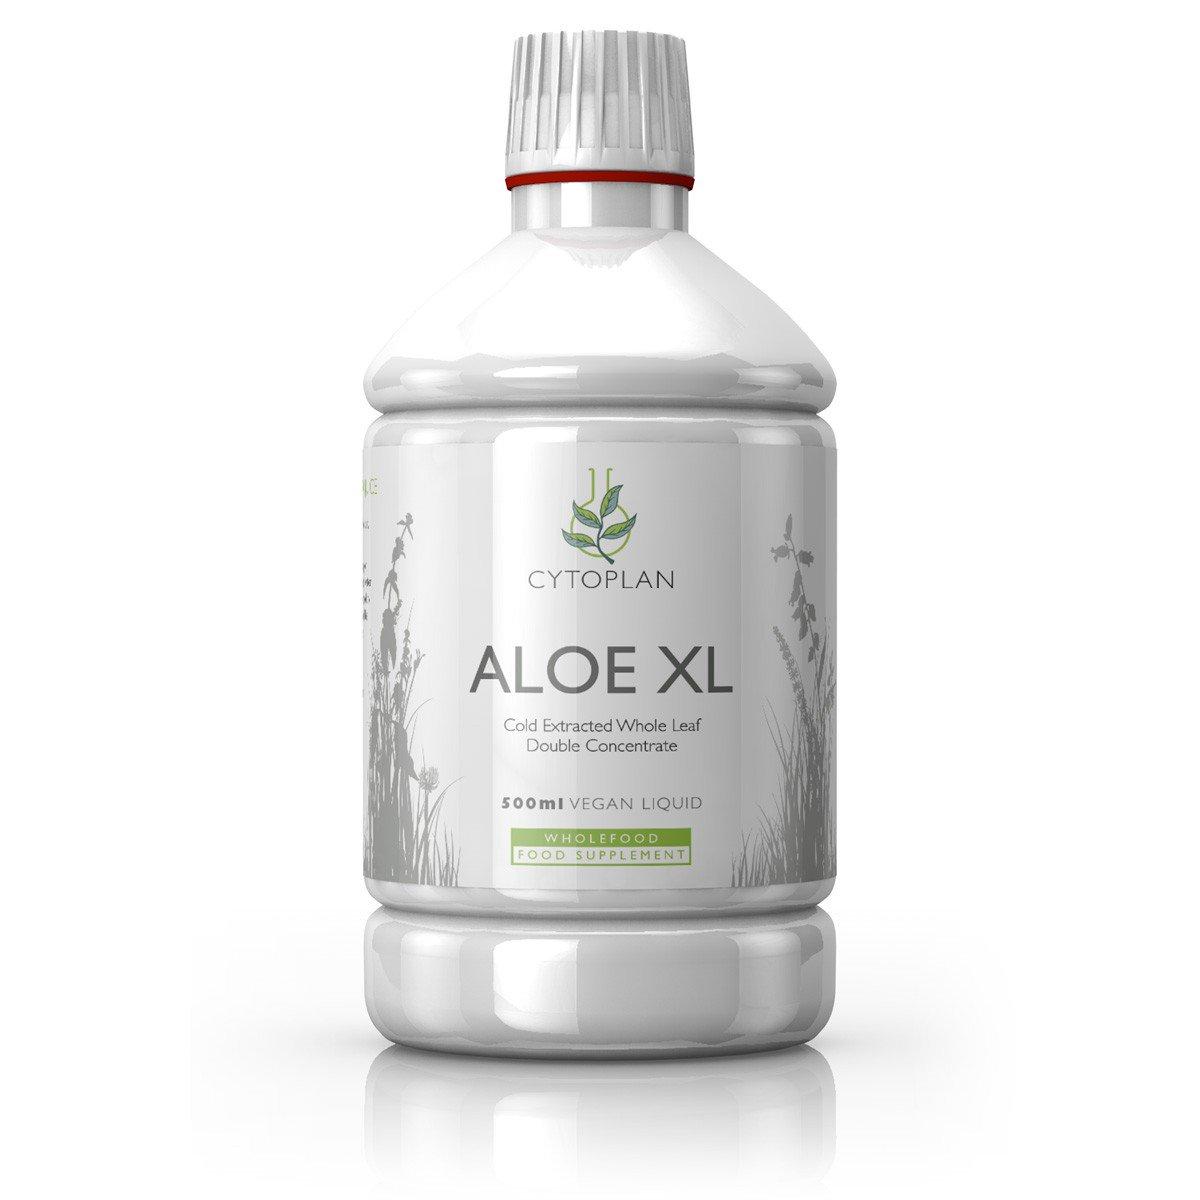 Aloe XL Whole Leaf 500ml